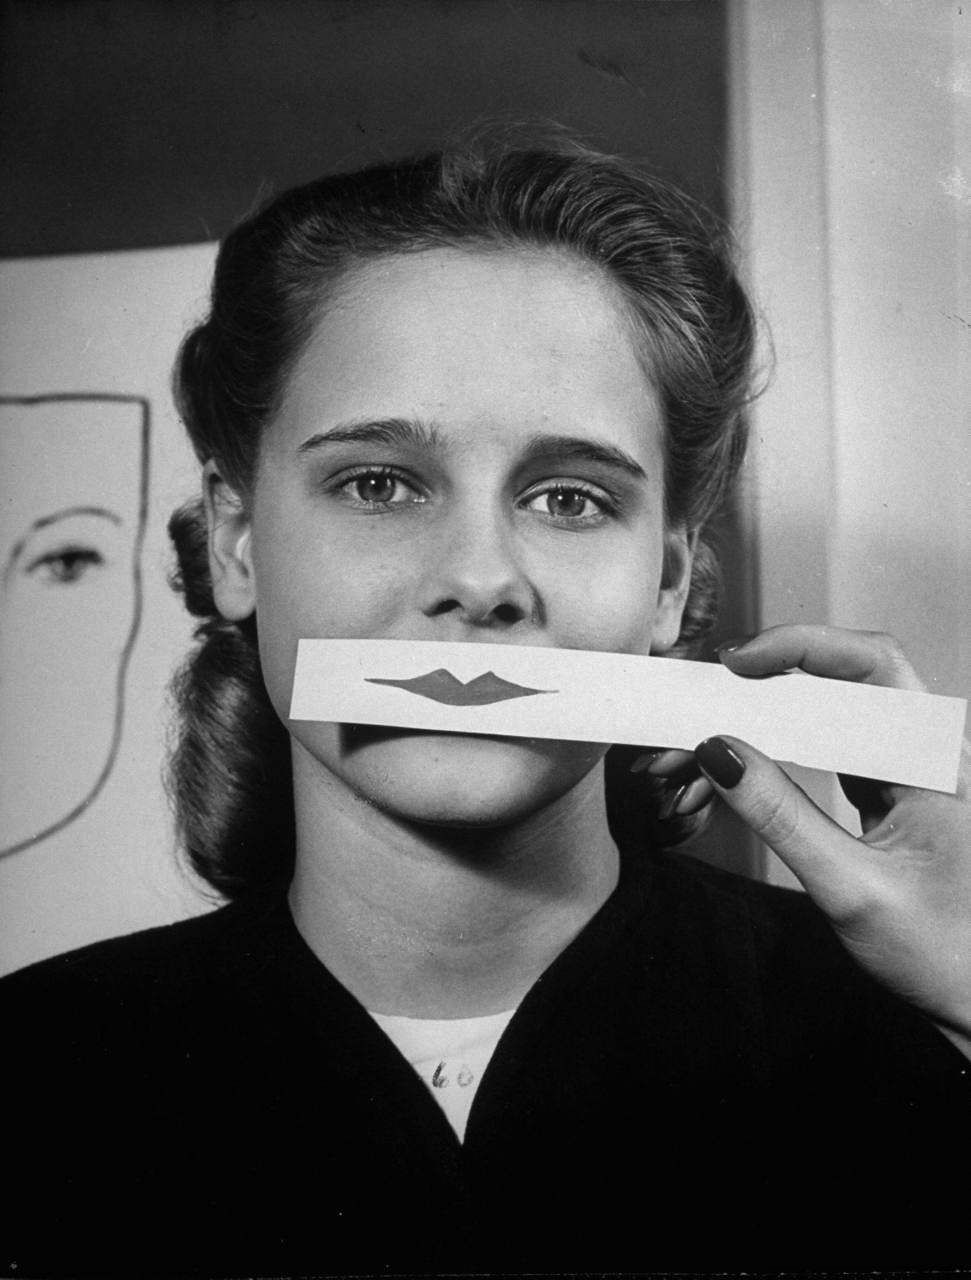 Fotó: Nina Leen: Fiatal lány rúzsmintát próbál, 1945 © Nina Leen/Life Magazine